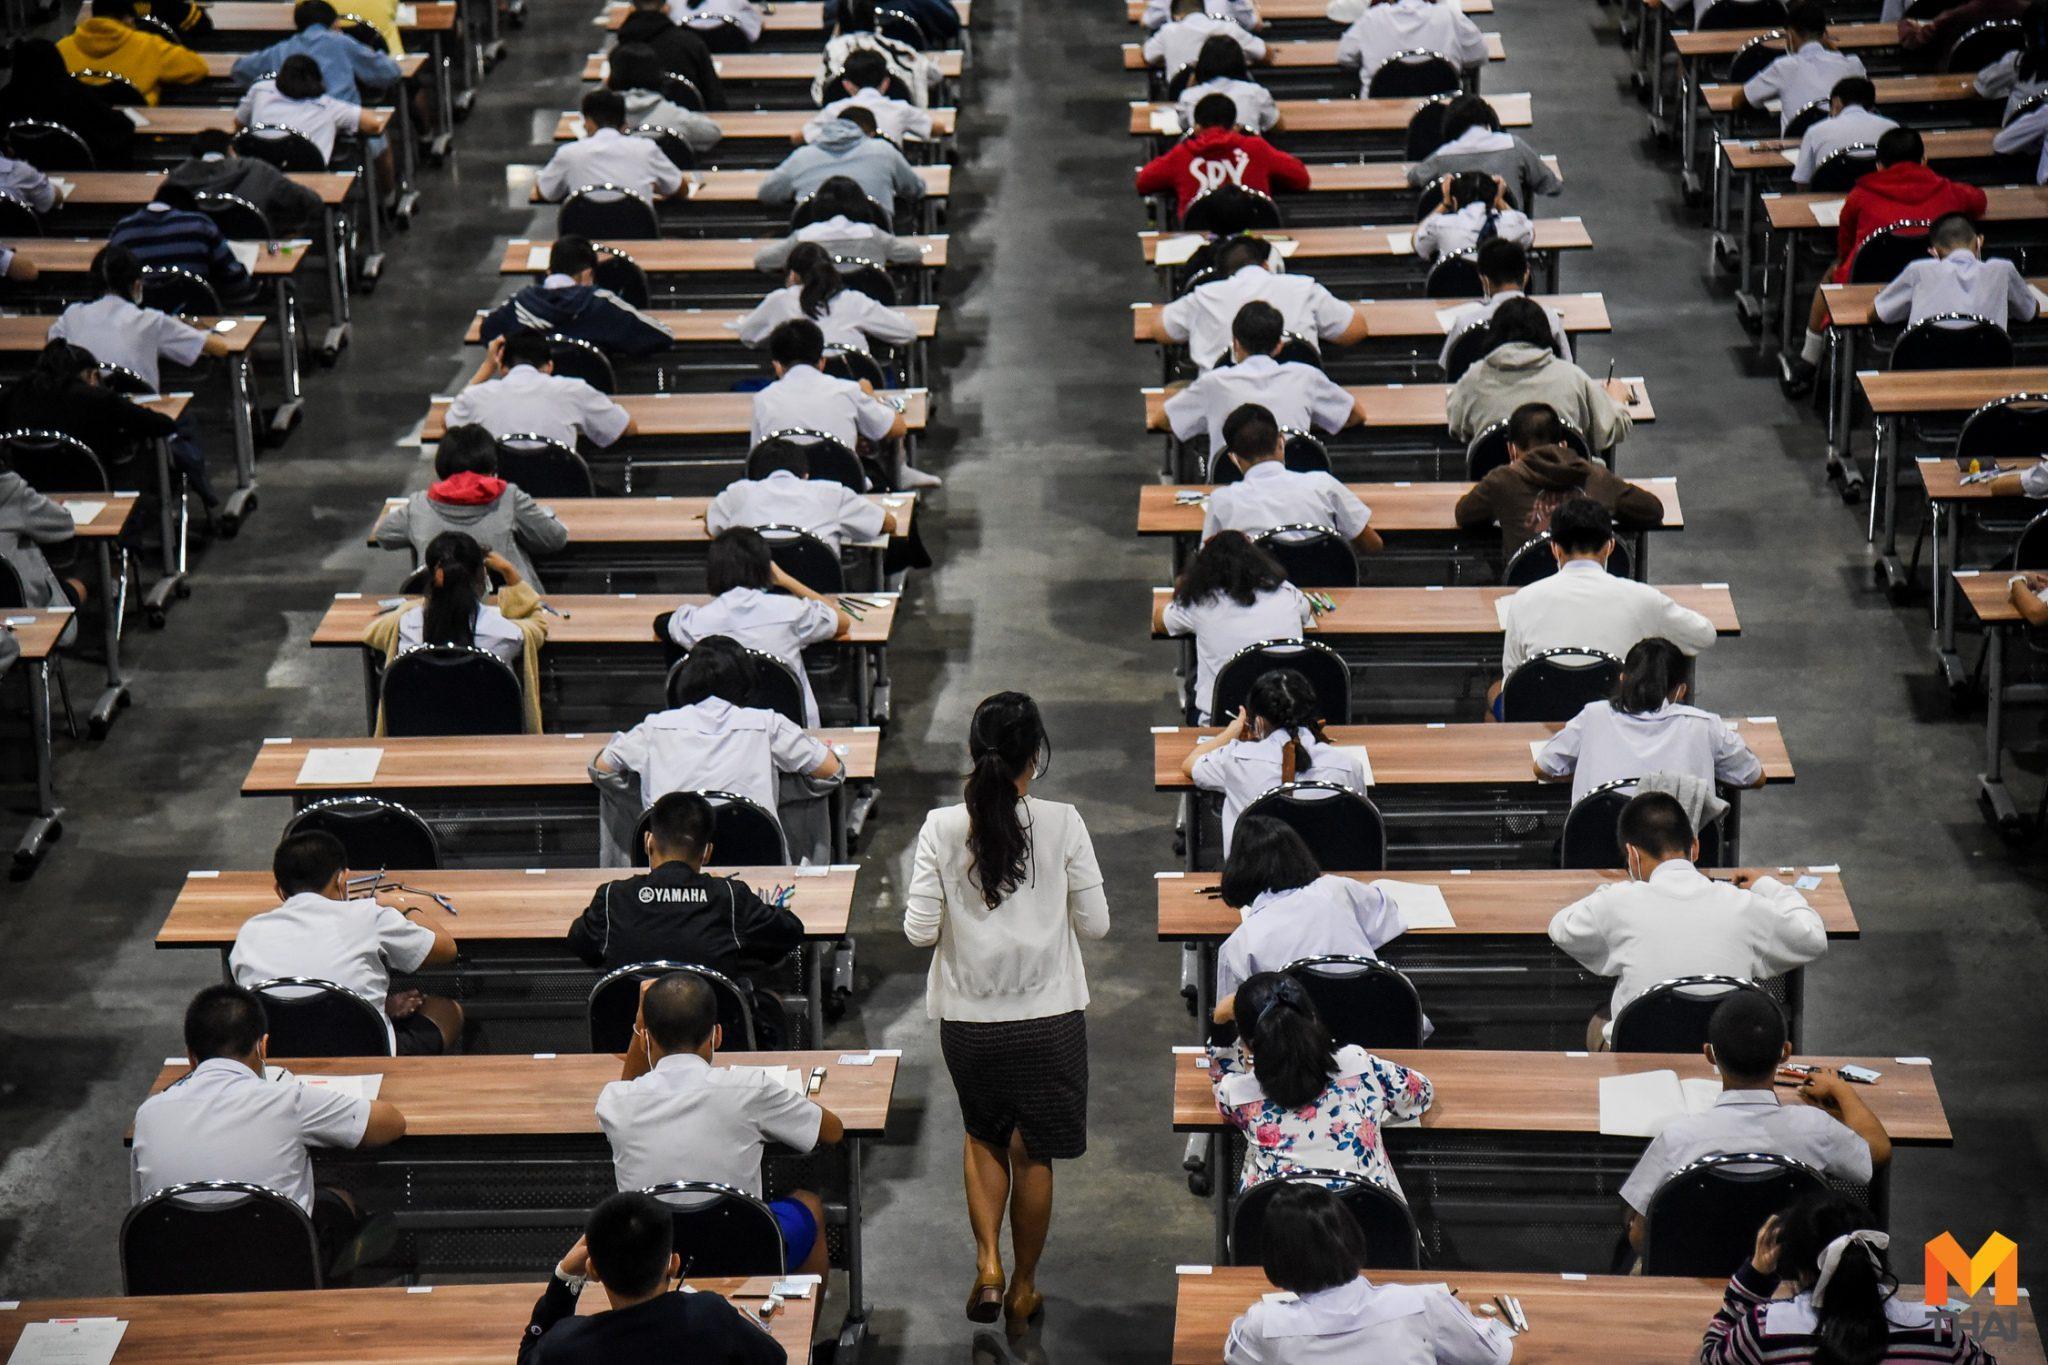 ประมวลภาพสอบเข้า ม.4 โรงเรียนเตรียมอุดมฯ  ปี2563